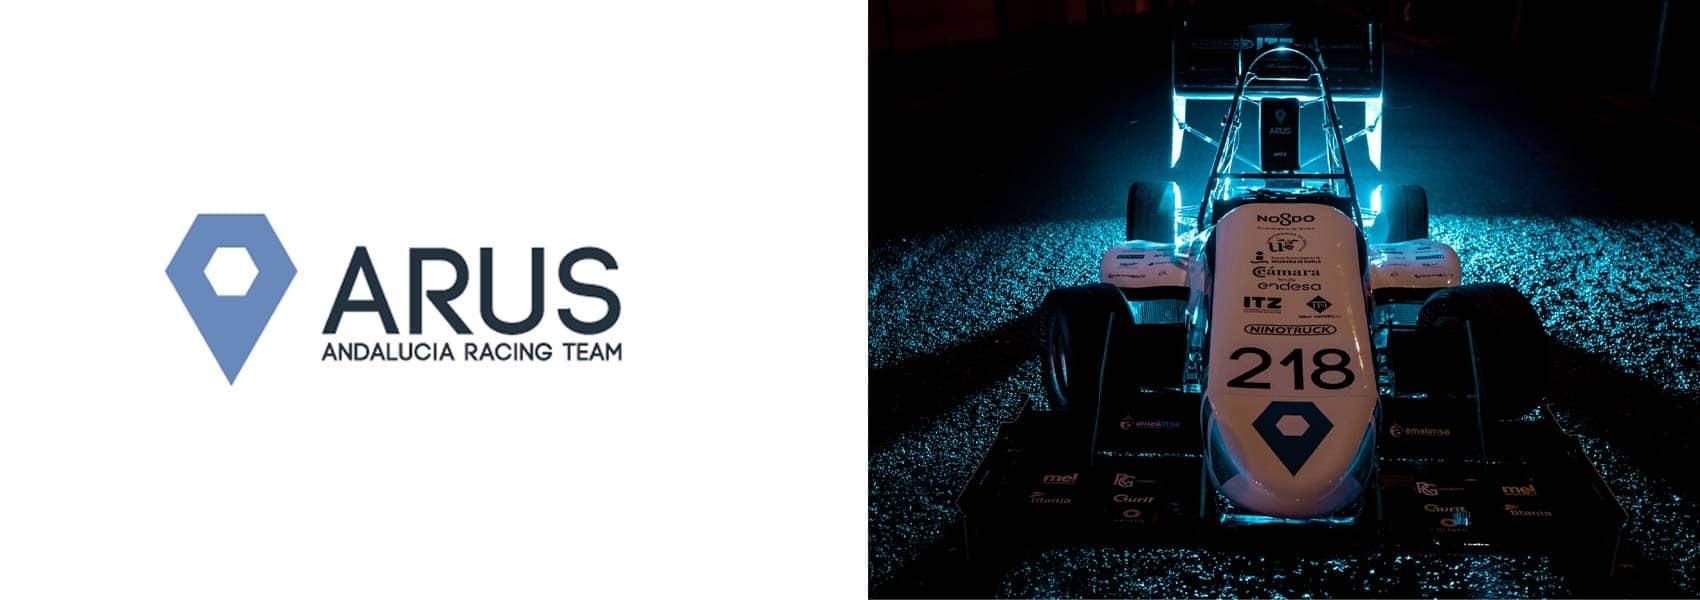 Arus-Blog-Banner